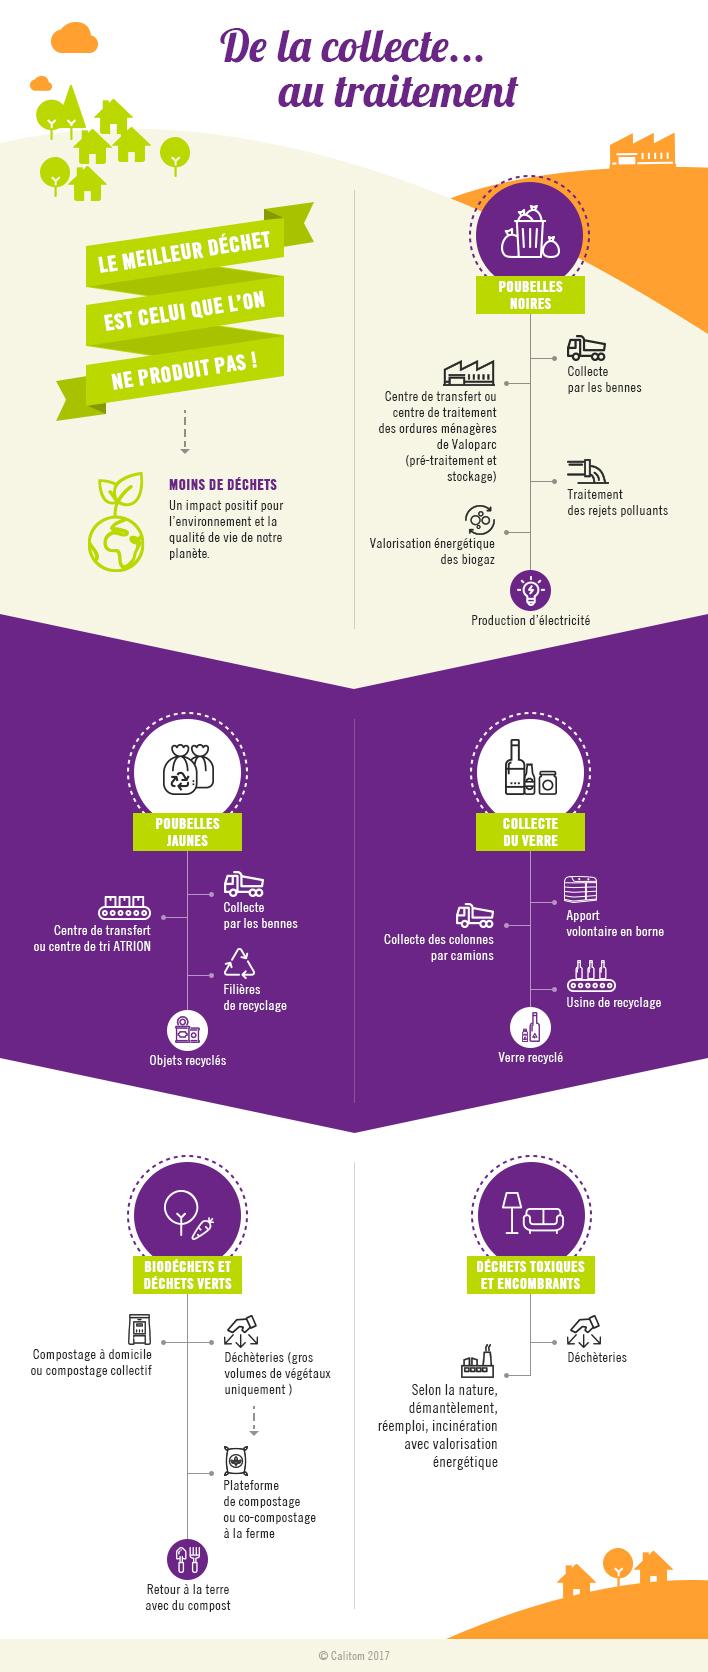 Infographie de la collecte au traitement